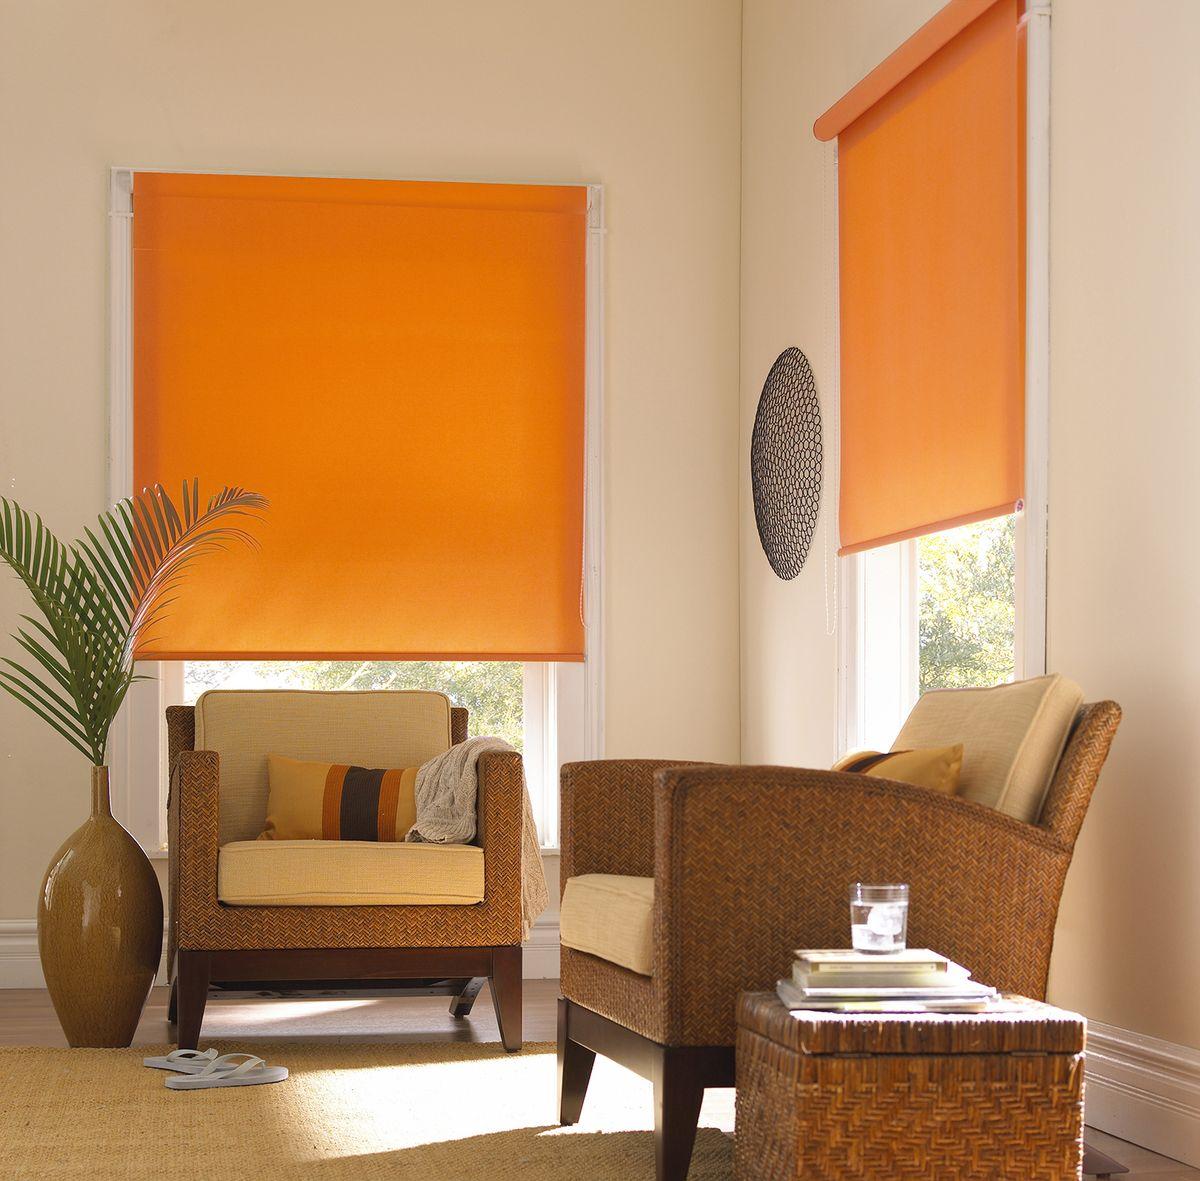 Штора рулонная Эскар Миниролло, цвет: апельсин, ширина 52 см, высота 170 см34109115170Рулонная штора Эскар Миниролло выполнена из высокопрочной ткани, которая сохраняет свой размер даже при намокании. Ткань не выцветает и обладает отличной цветоустойчивостью.Миниролло - это подвид рулонных штор, который закрывает не весь оконный проем, а непосредственно само стекло. Такие шторы крепятся на раму без сверления при помощи зажимов или клейкой двухсторонней ленты (в комплекте). Окно остается на гарантии, благодаря монтажу без сверления. Такая штора станет прекрасным элементом декора окна и гармонично впишется в интерьер любого помещения.